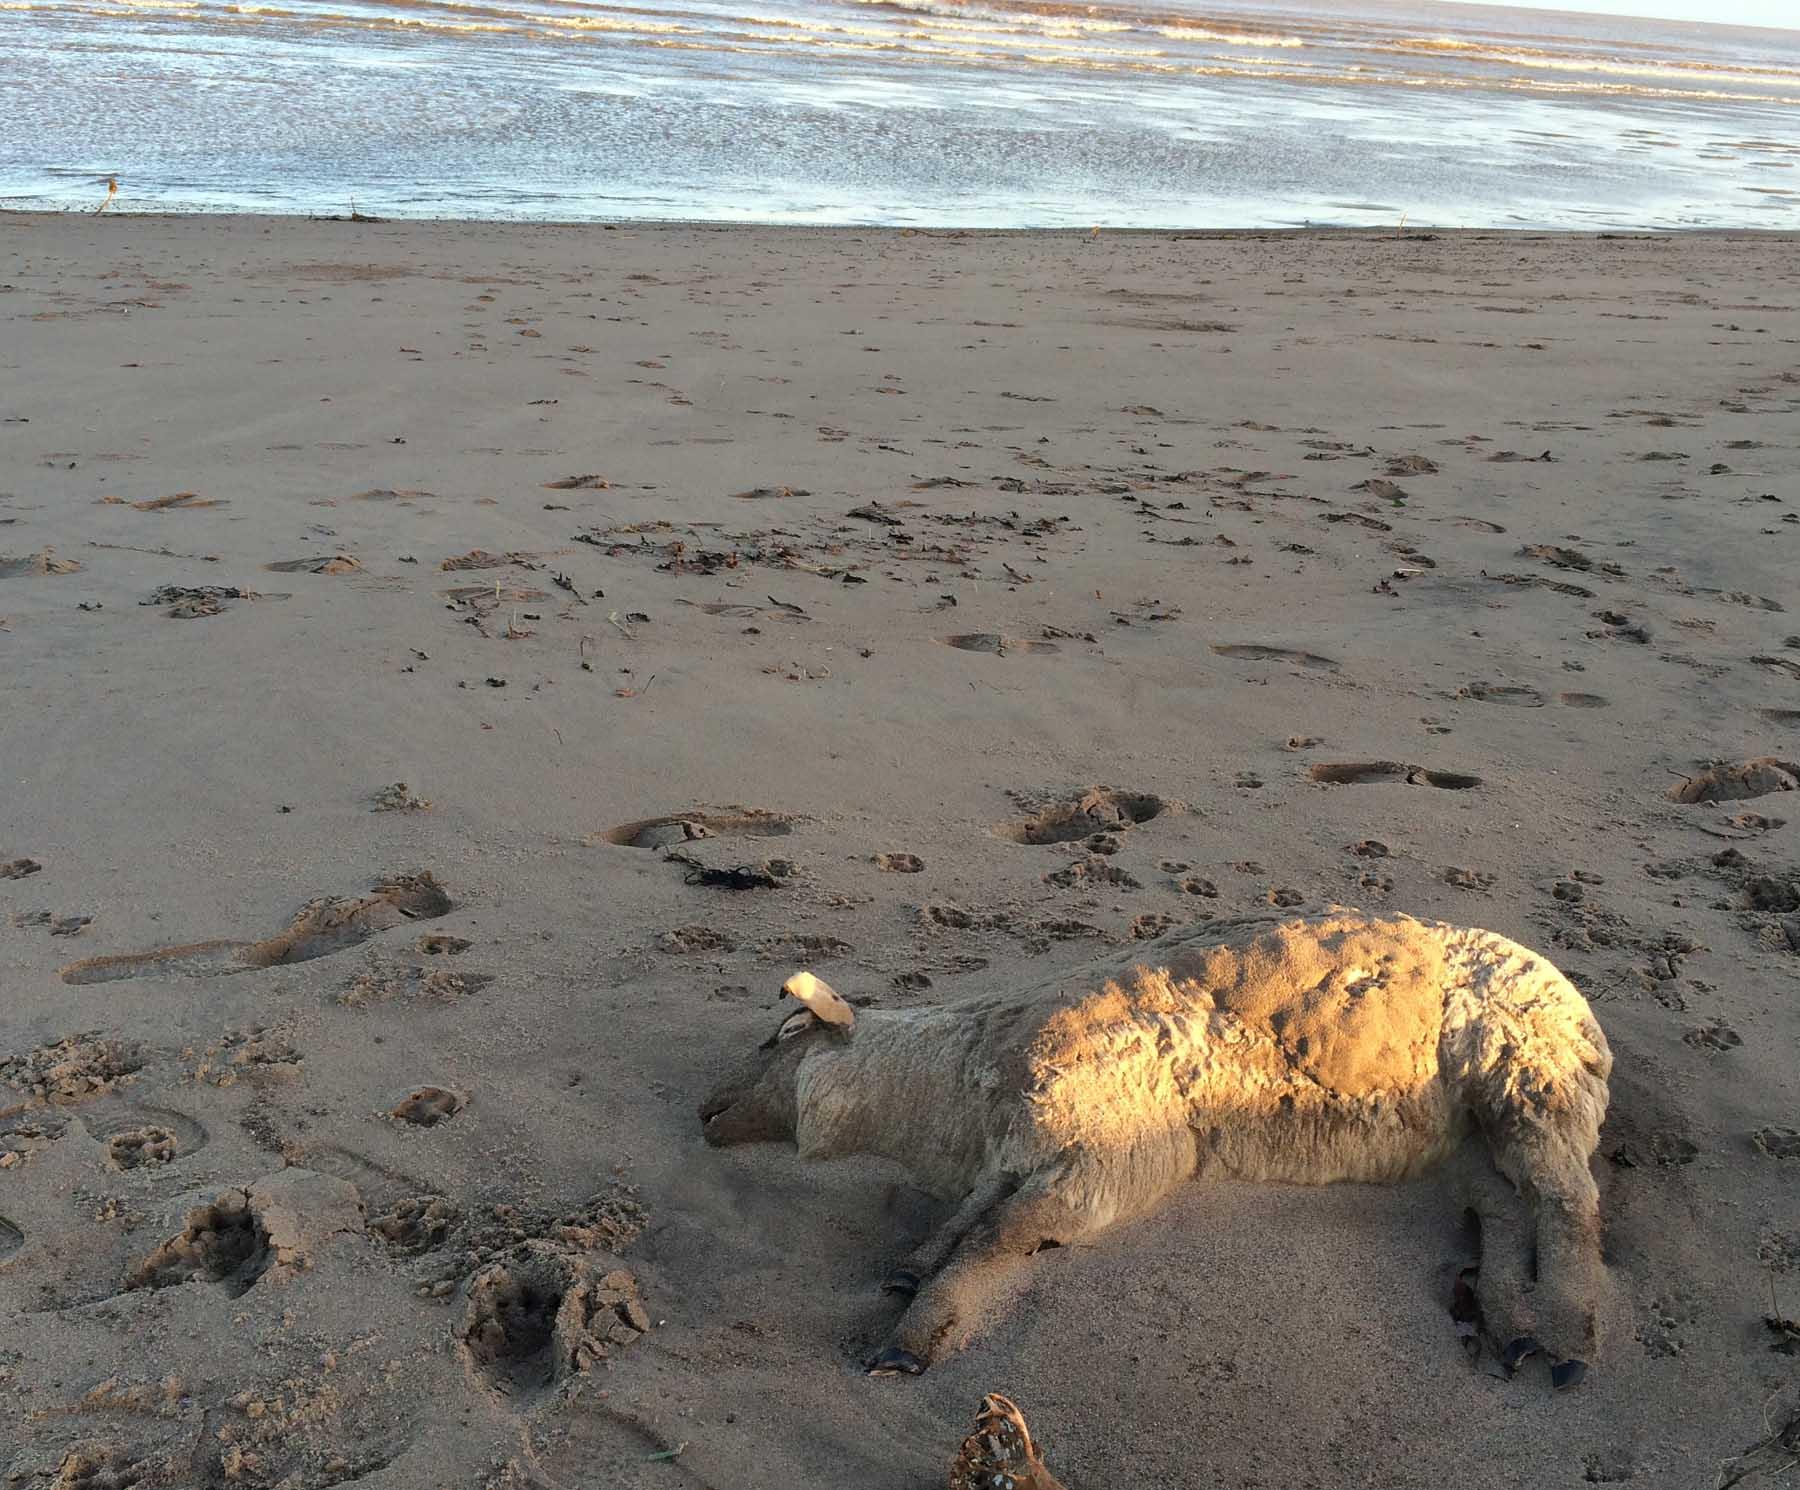 Dead Sheep On The Beach